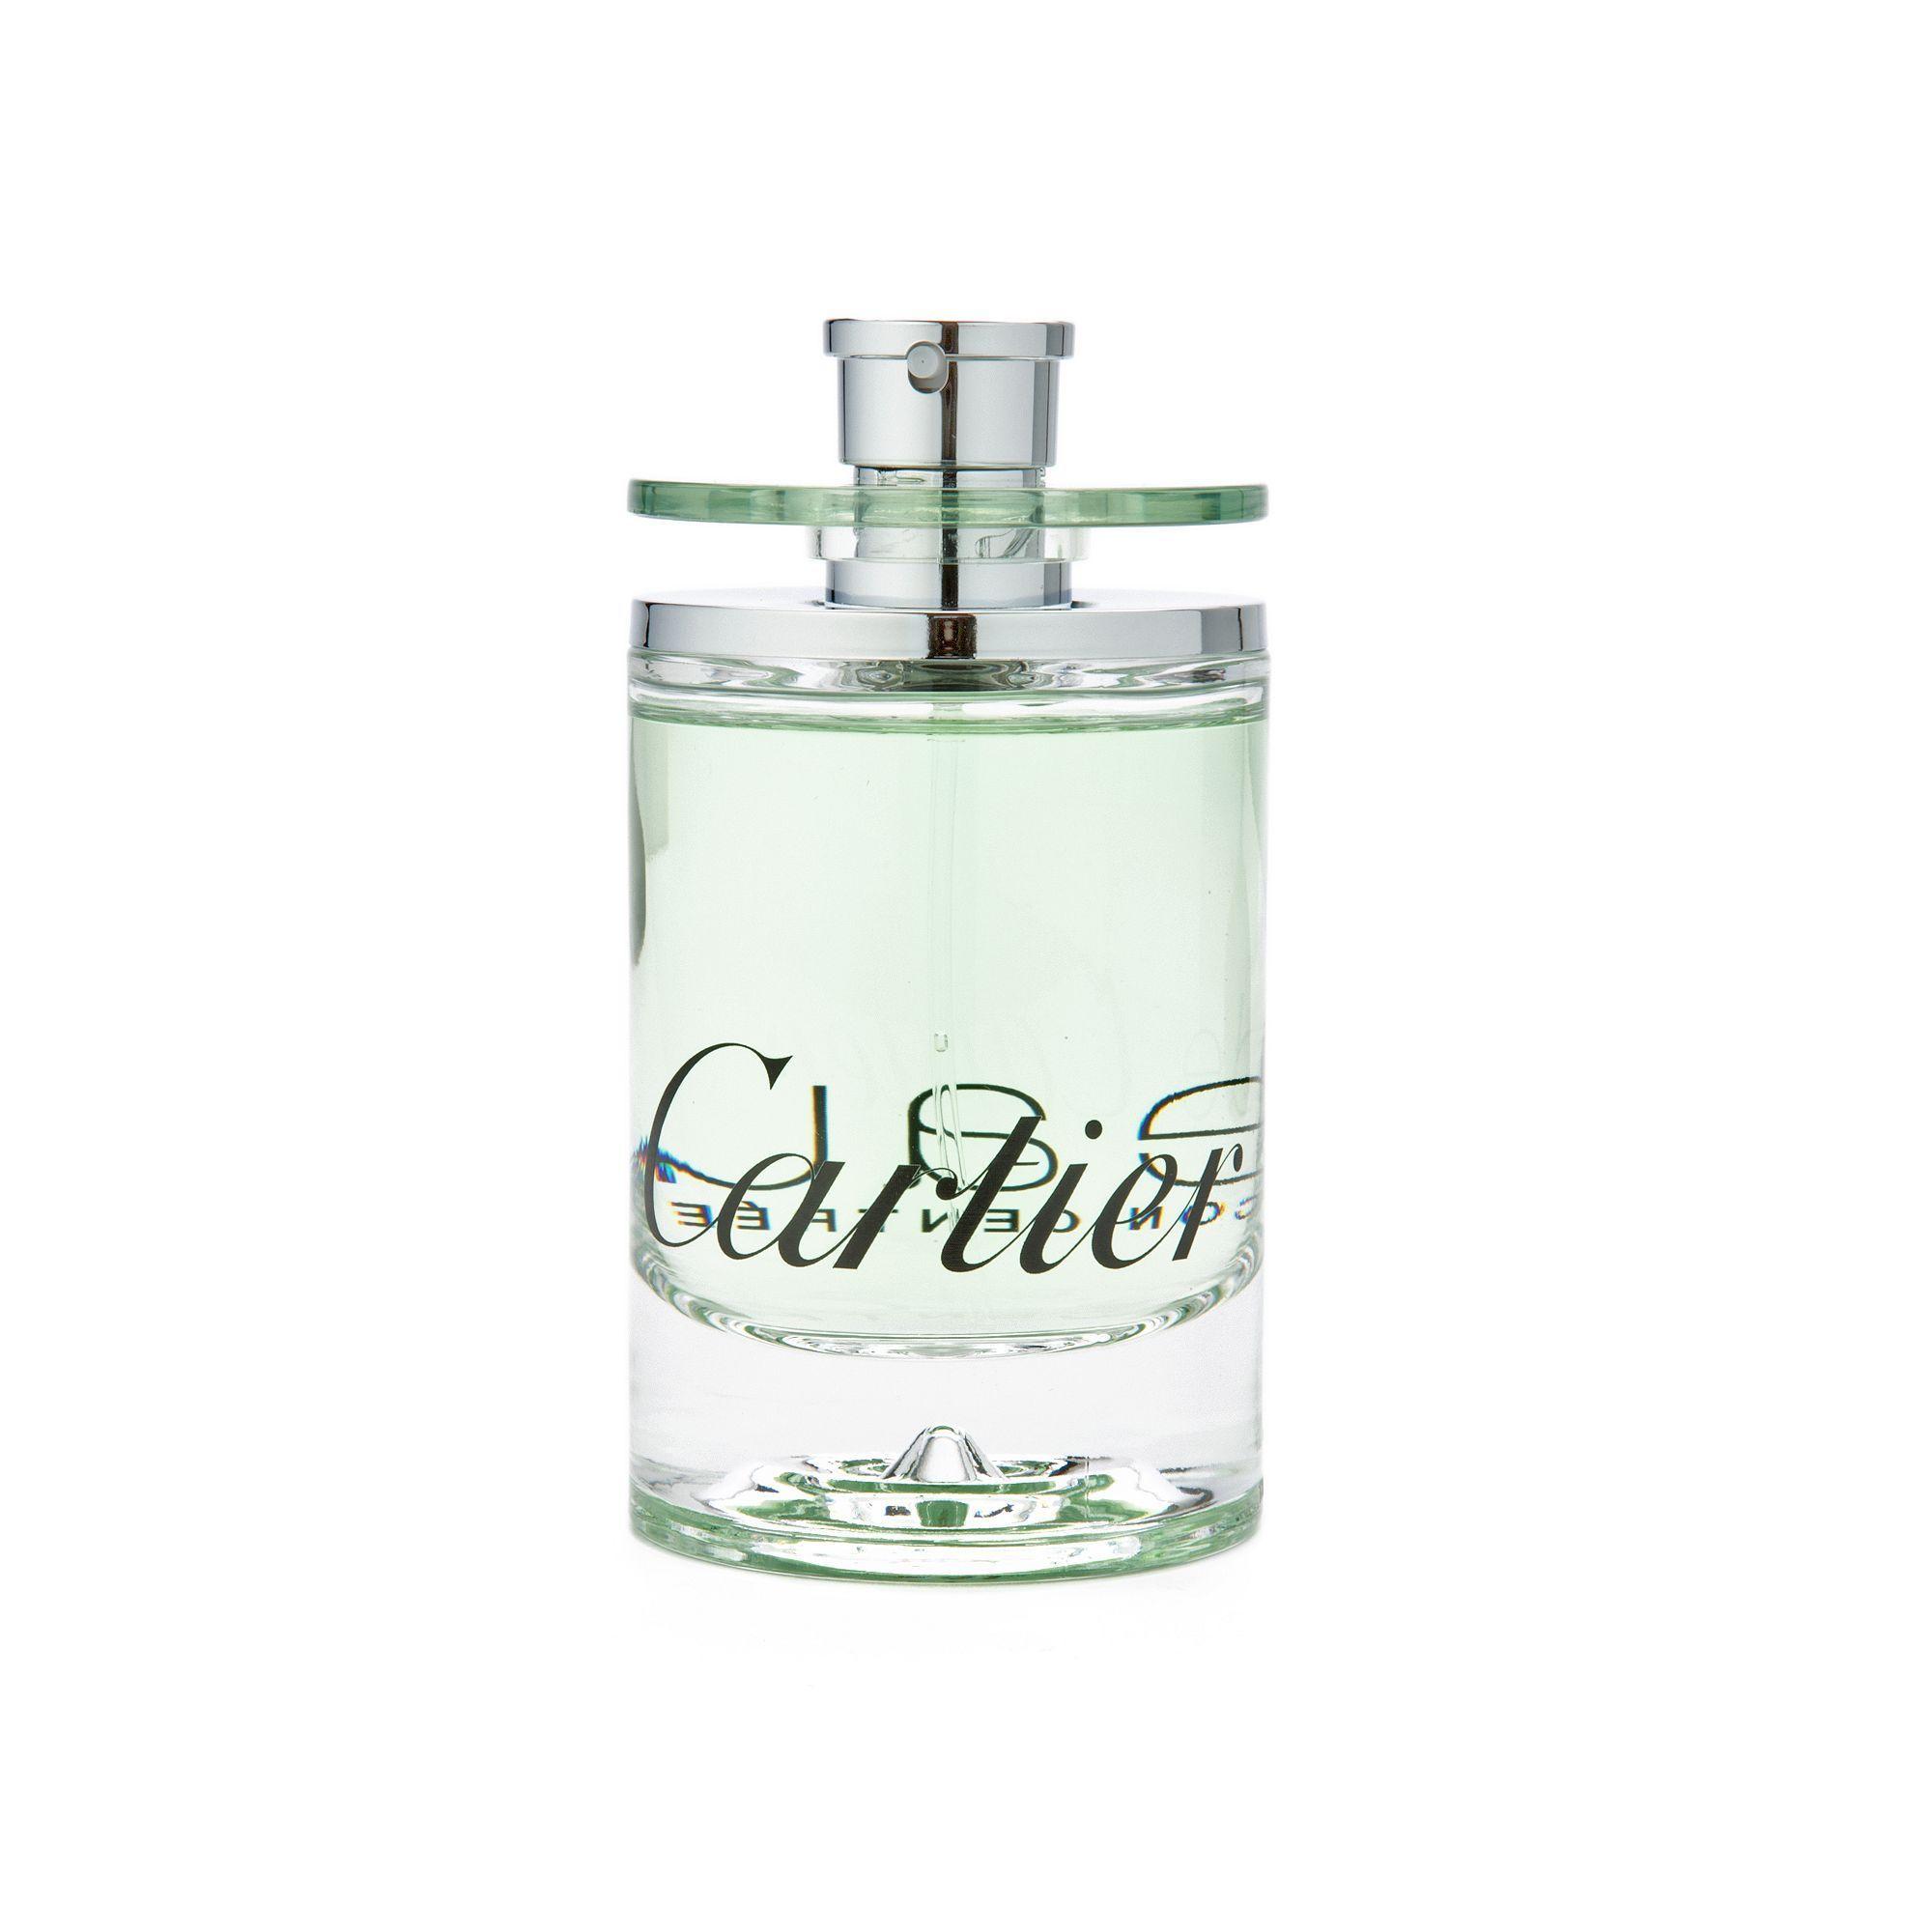 cbc6eec0565 Cartier Eau de Cartier Concentree Men s Cologne - Eau de Toilette ...